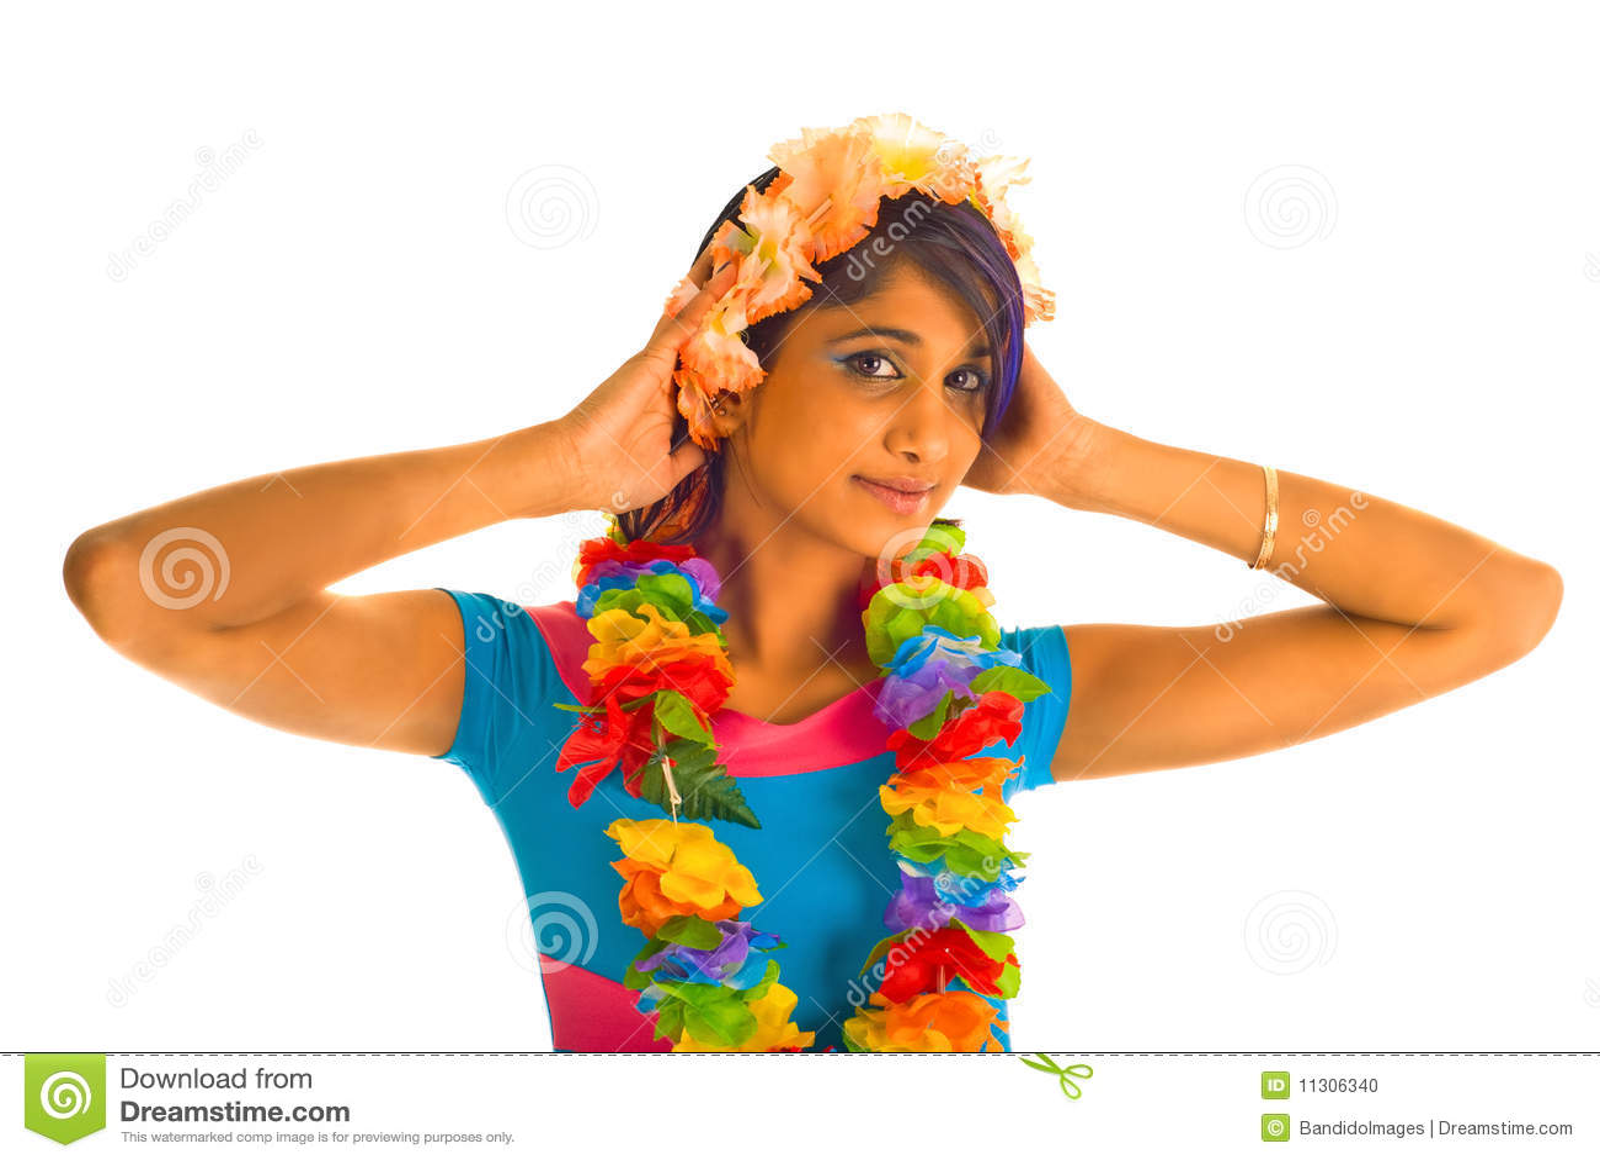 Junge braune Frau mit Blumen